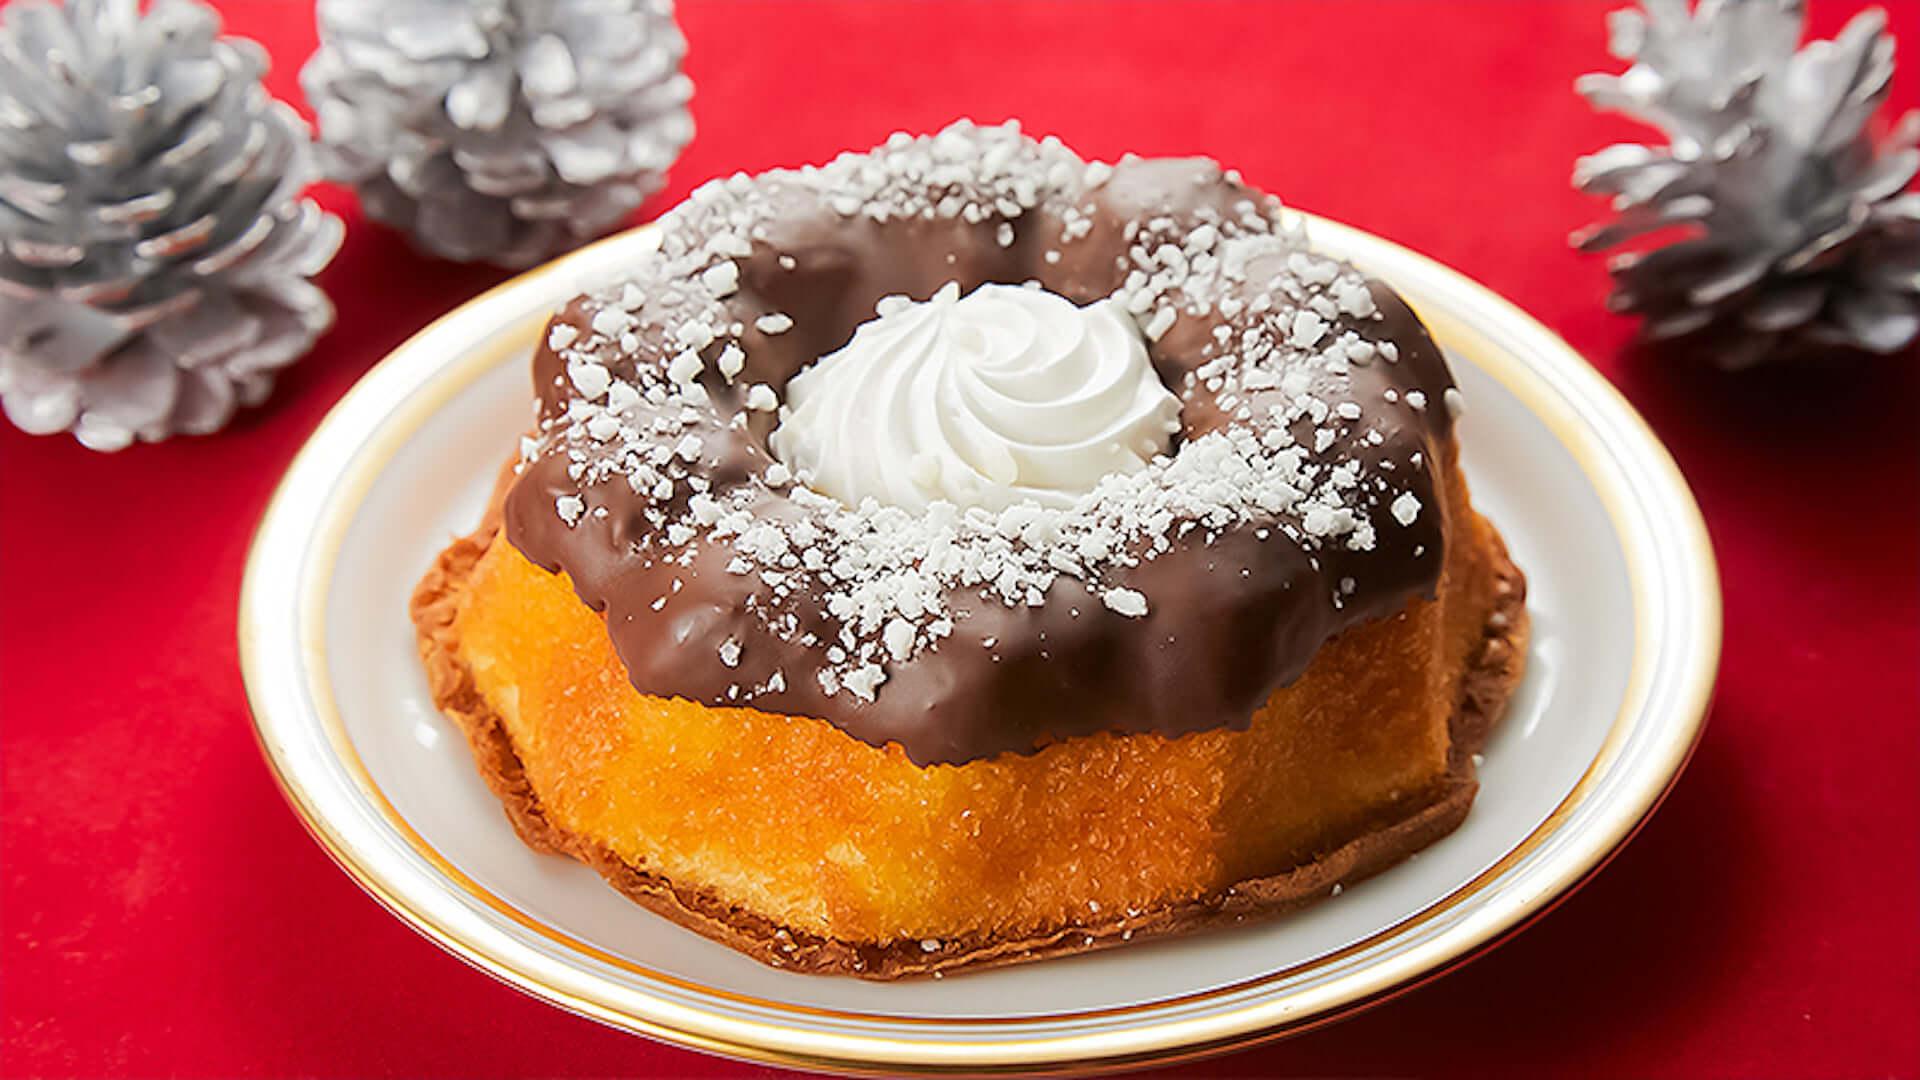 ローソンストア100からクリスマスにぴったりなスイーツ『クグロフ』や『世界に1つだけのケーキ作っちゃお!!』など続々登場!12月の新商品が公開 gourmet201201_lawsonstore100_4-1920x1080